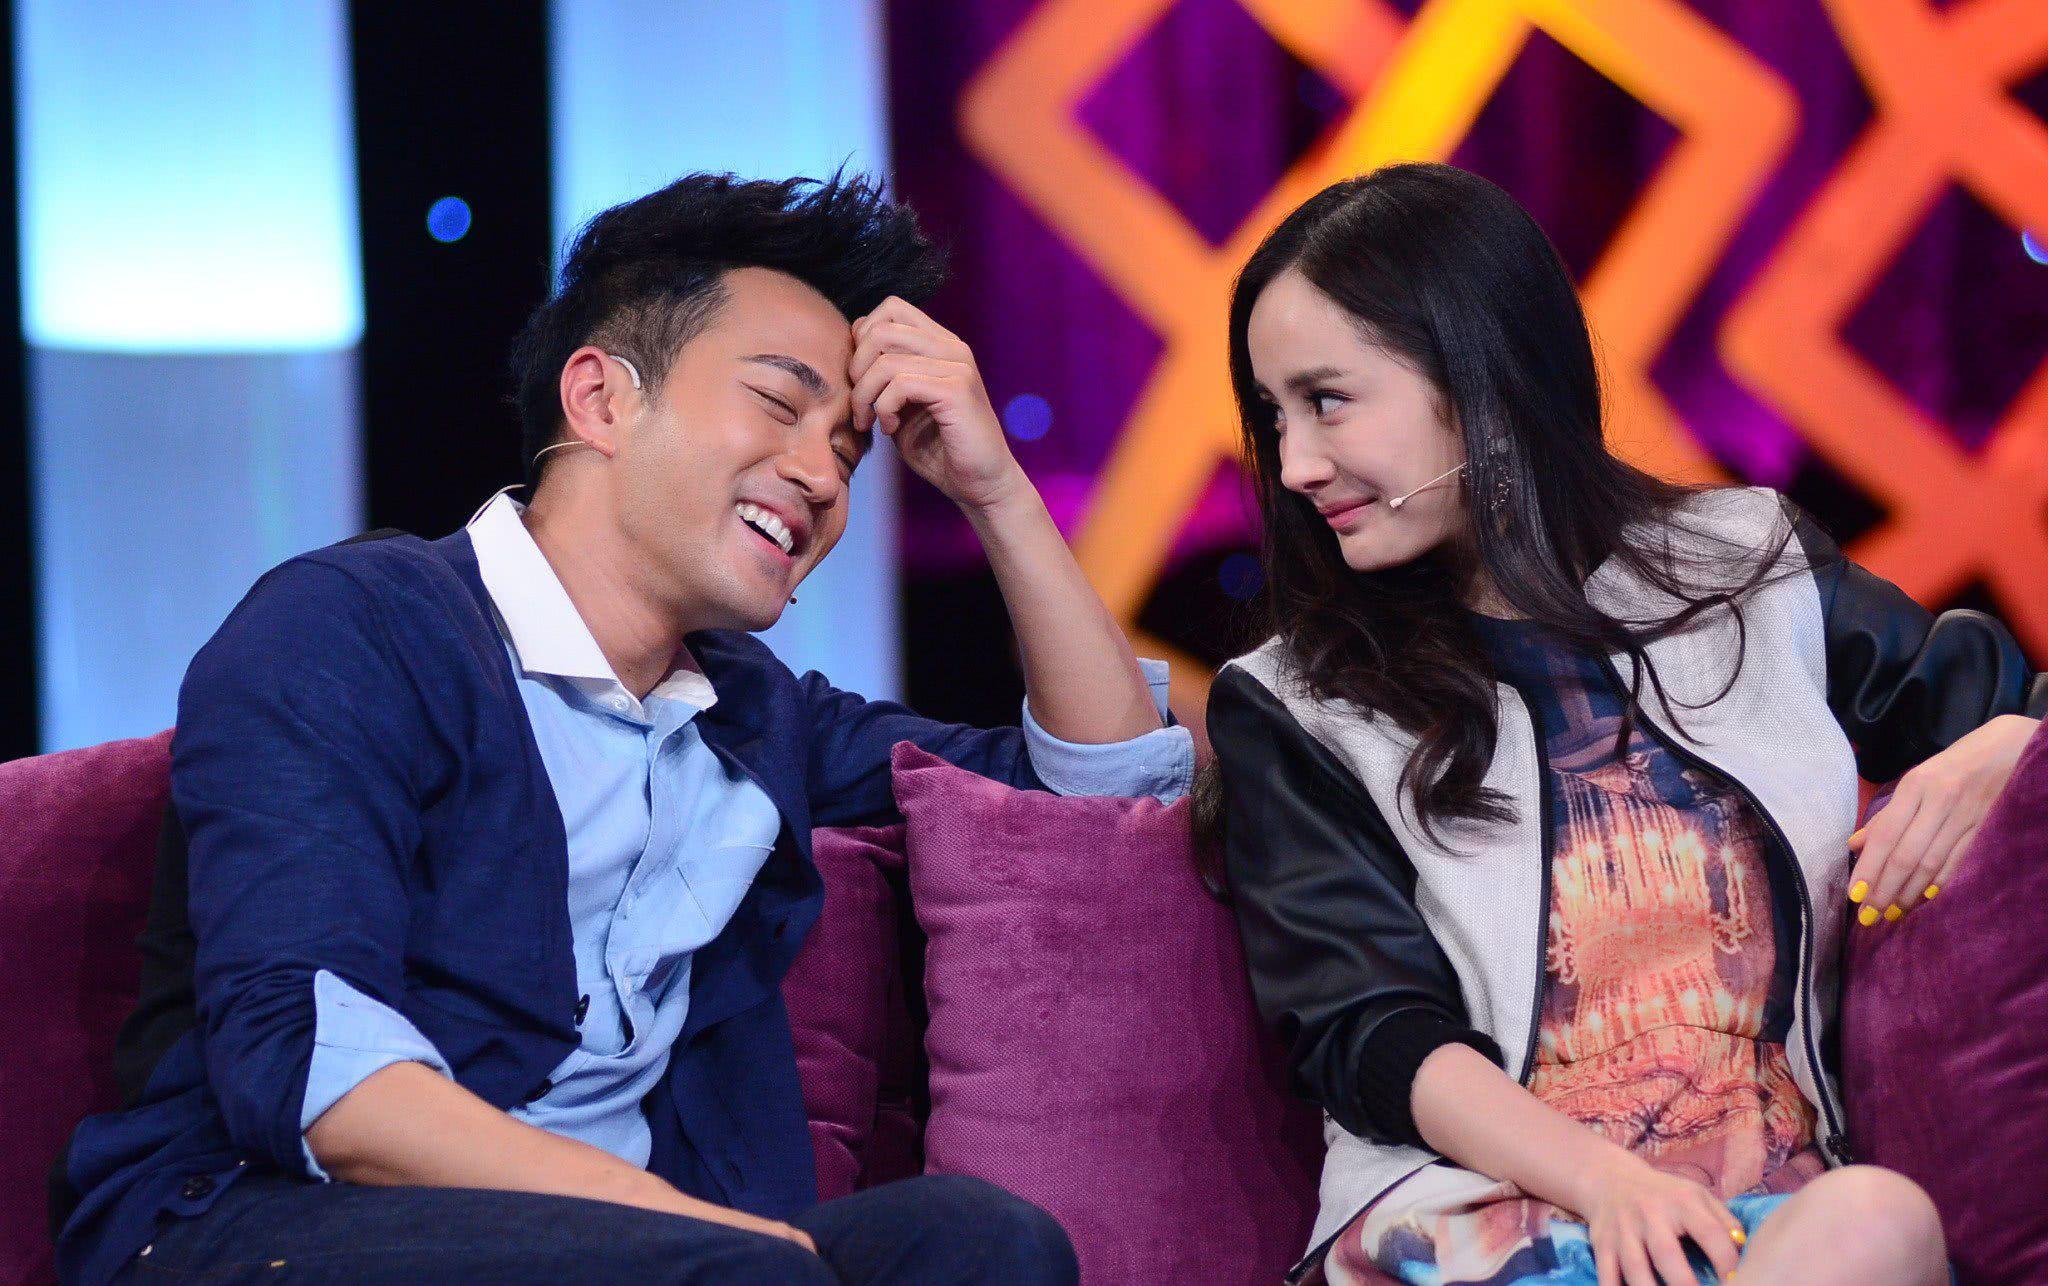 刘恺威为女儿上学操心,杨幂这边粉丝与公司开撕,对比画风差距大